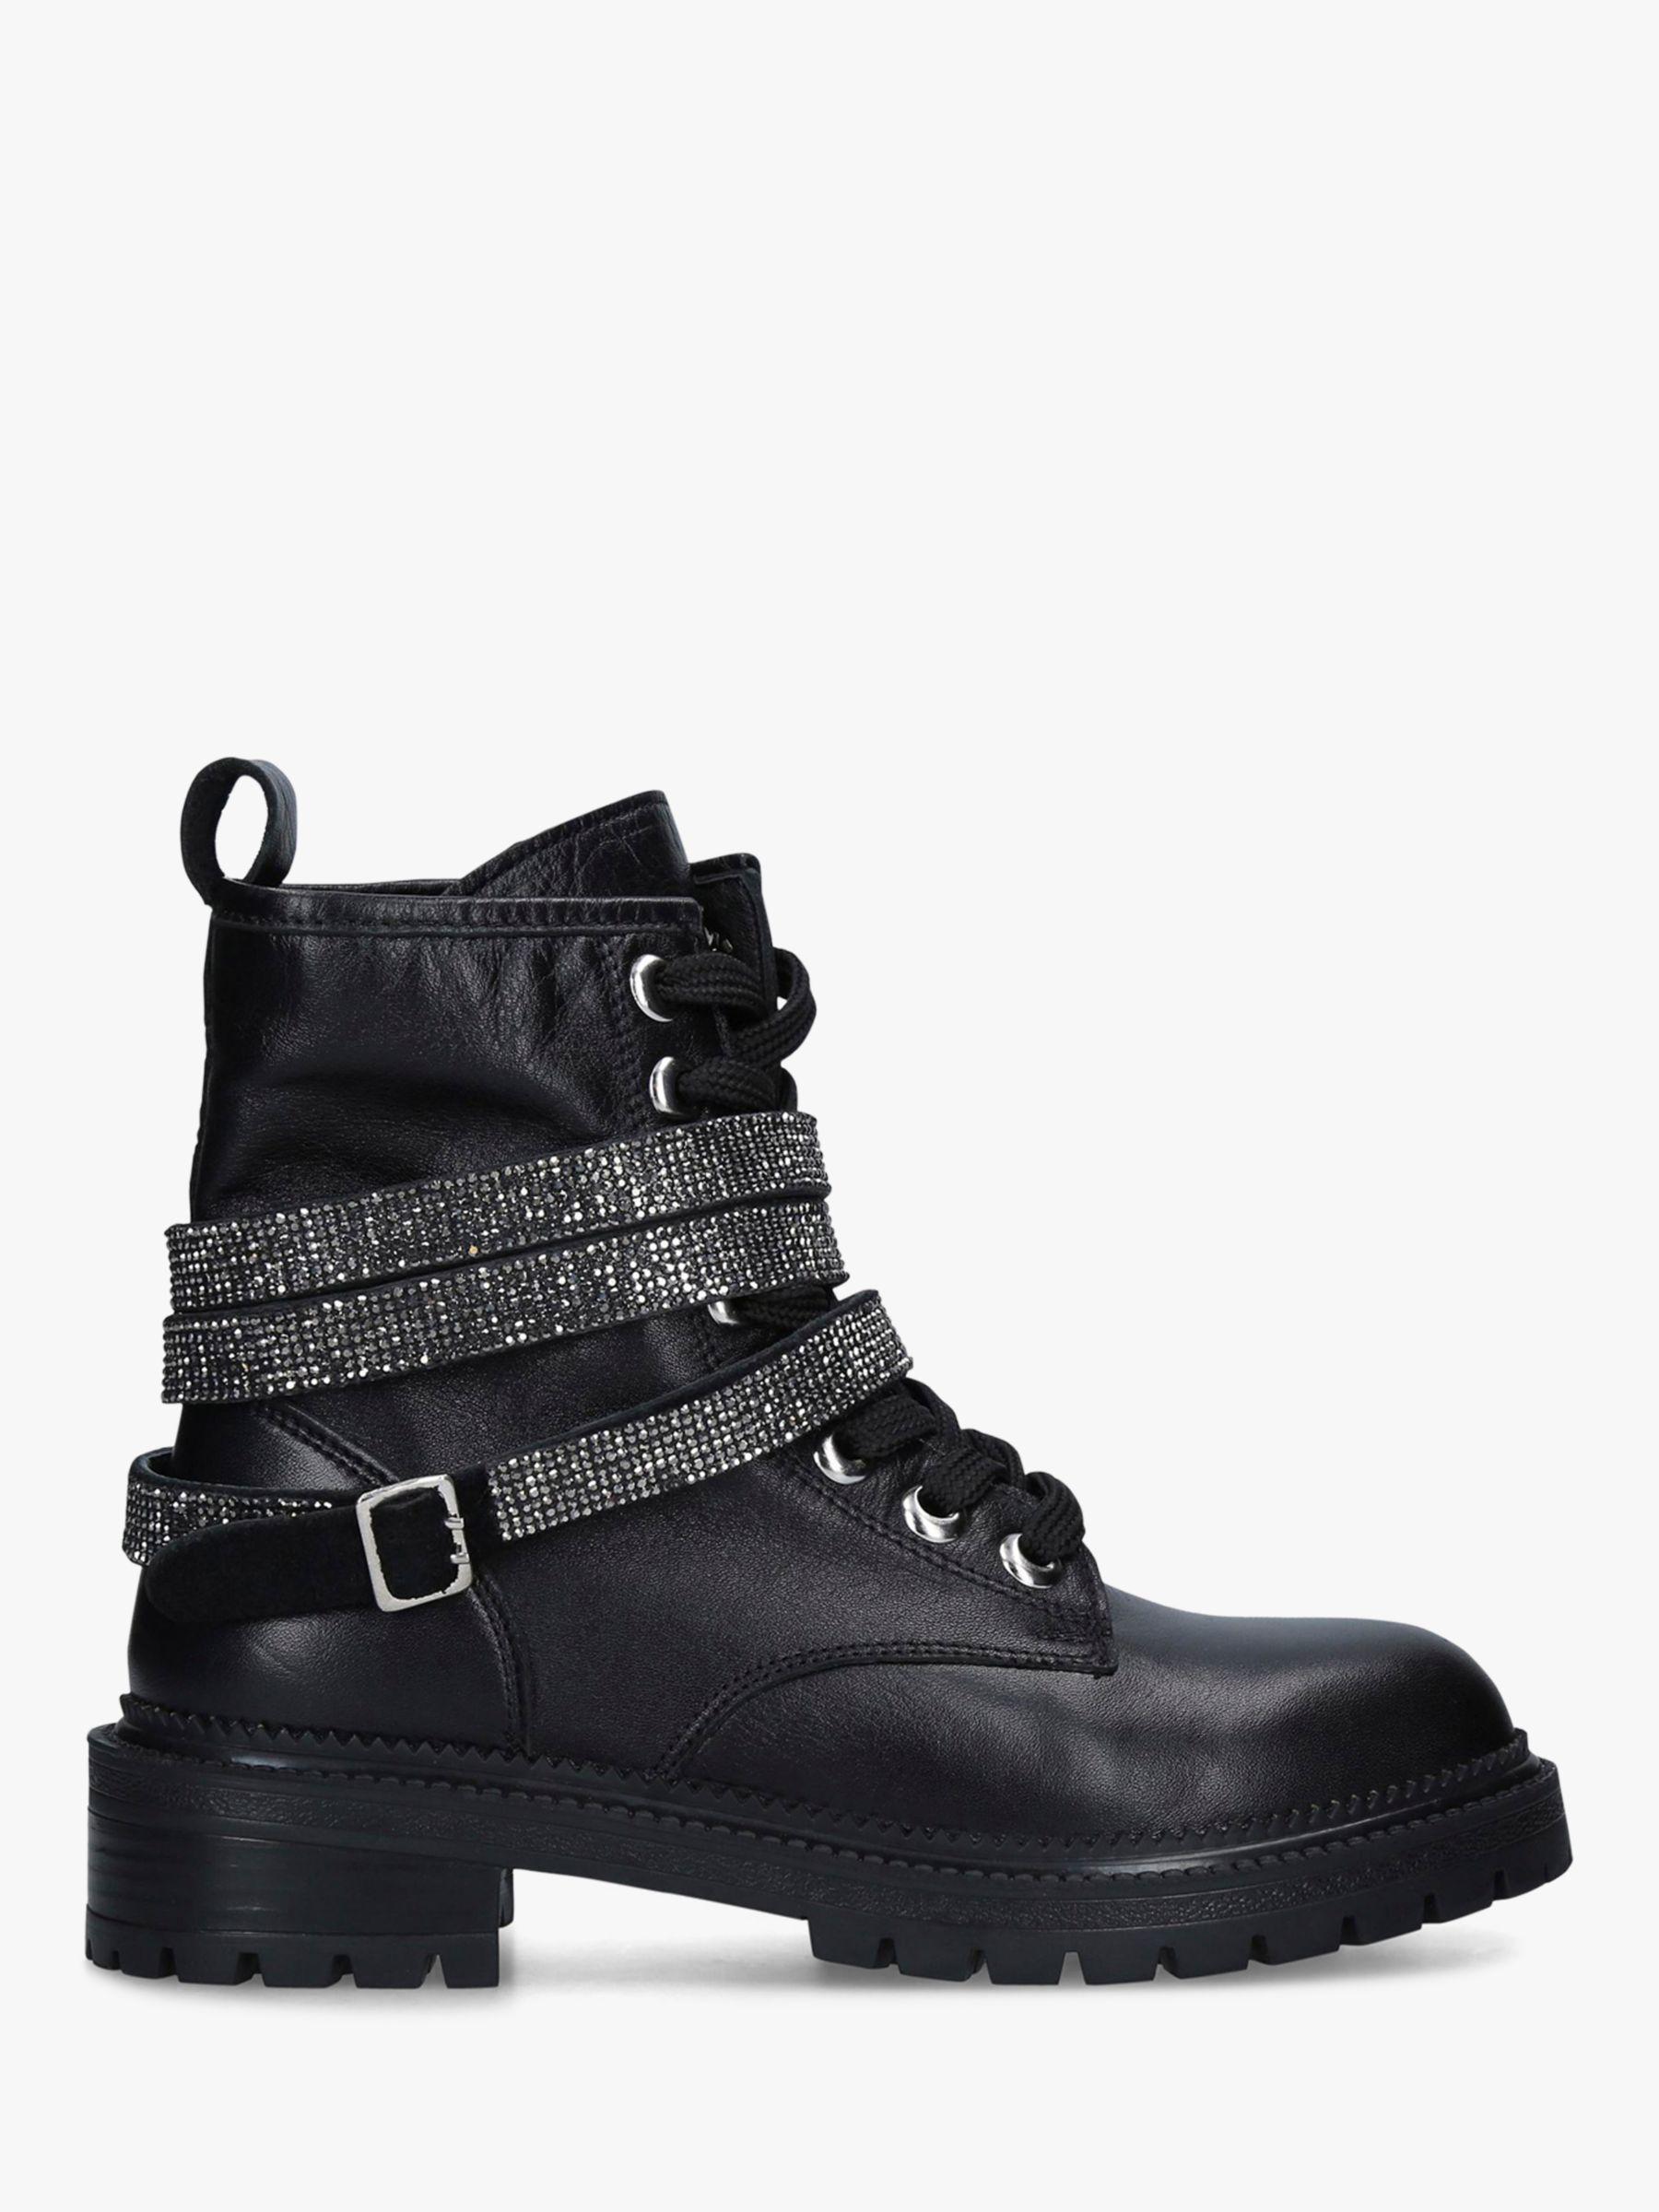 Carvela Carvela Tuxedo Leather Embellished Strap Biker Boots, Black